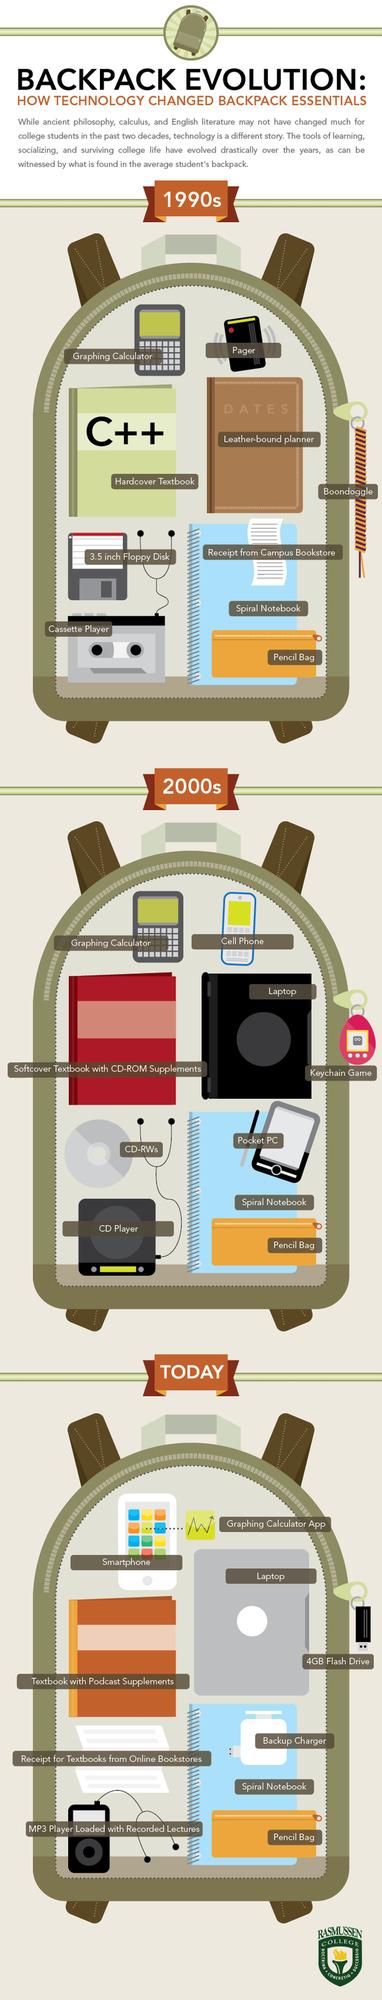 Backpack Evolution